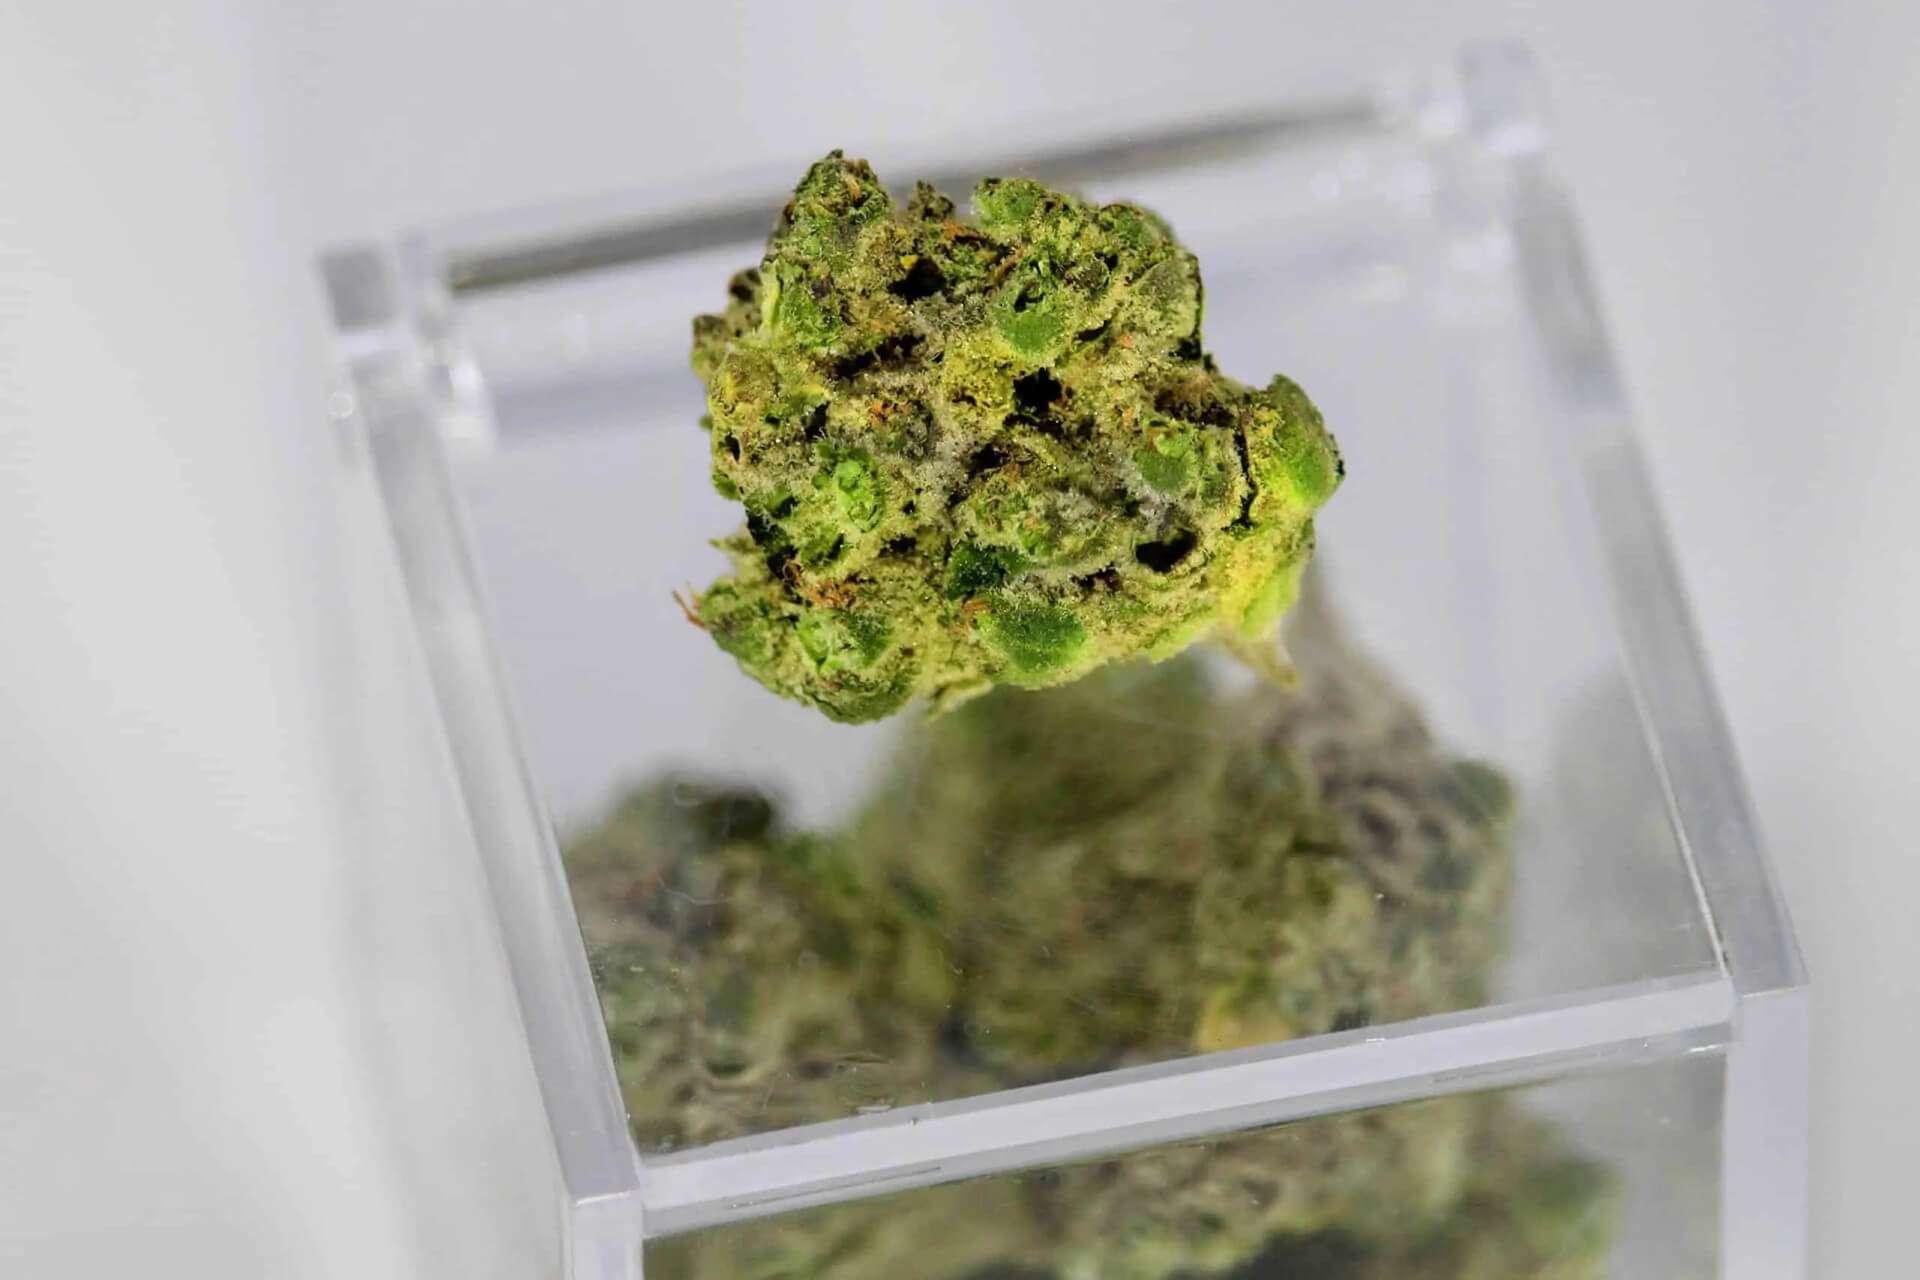 COVID-19 i pacjenci medycznej marihuany: Co musisz wiedzieć